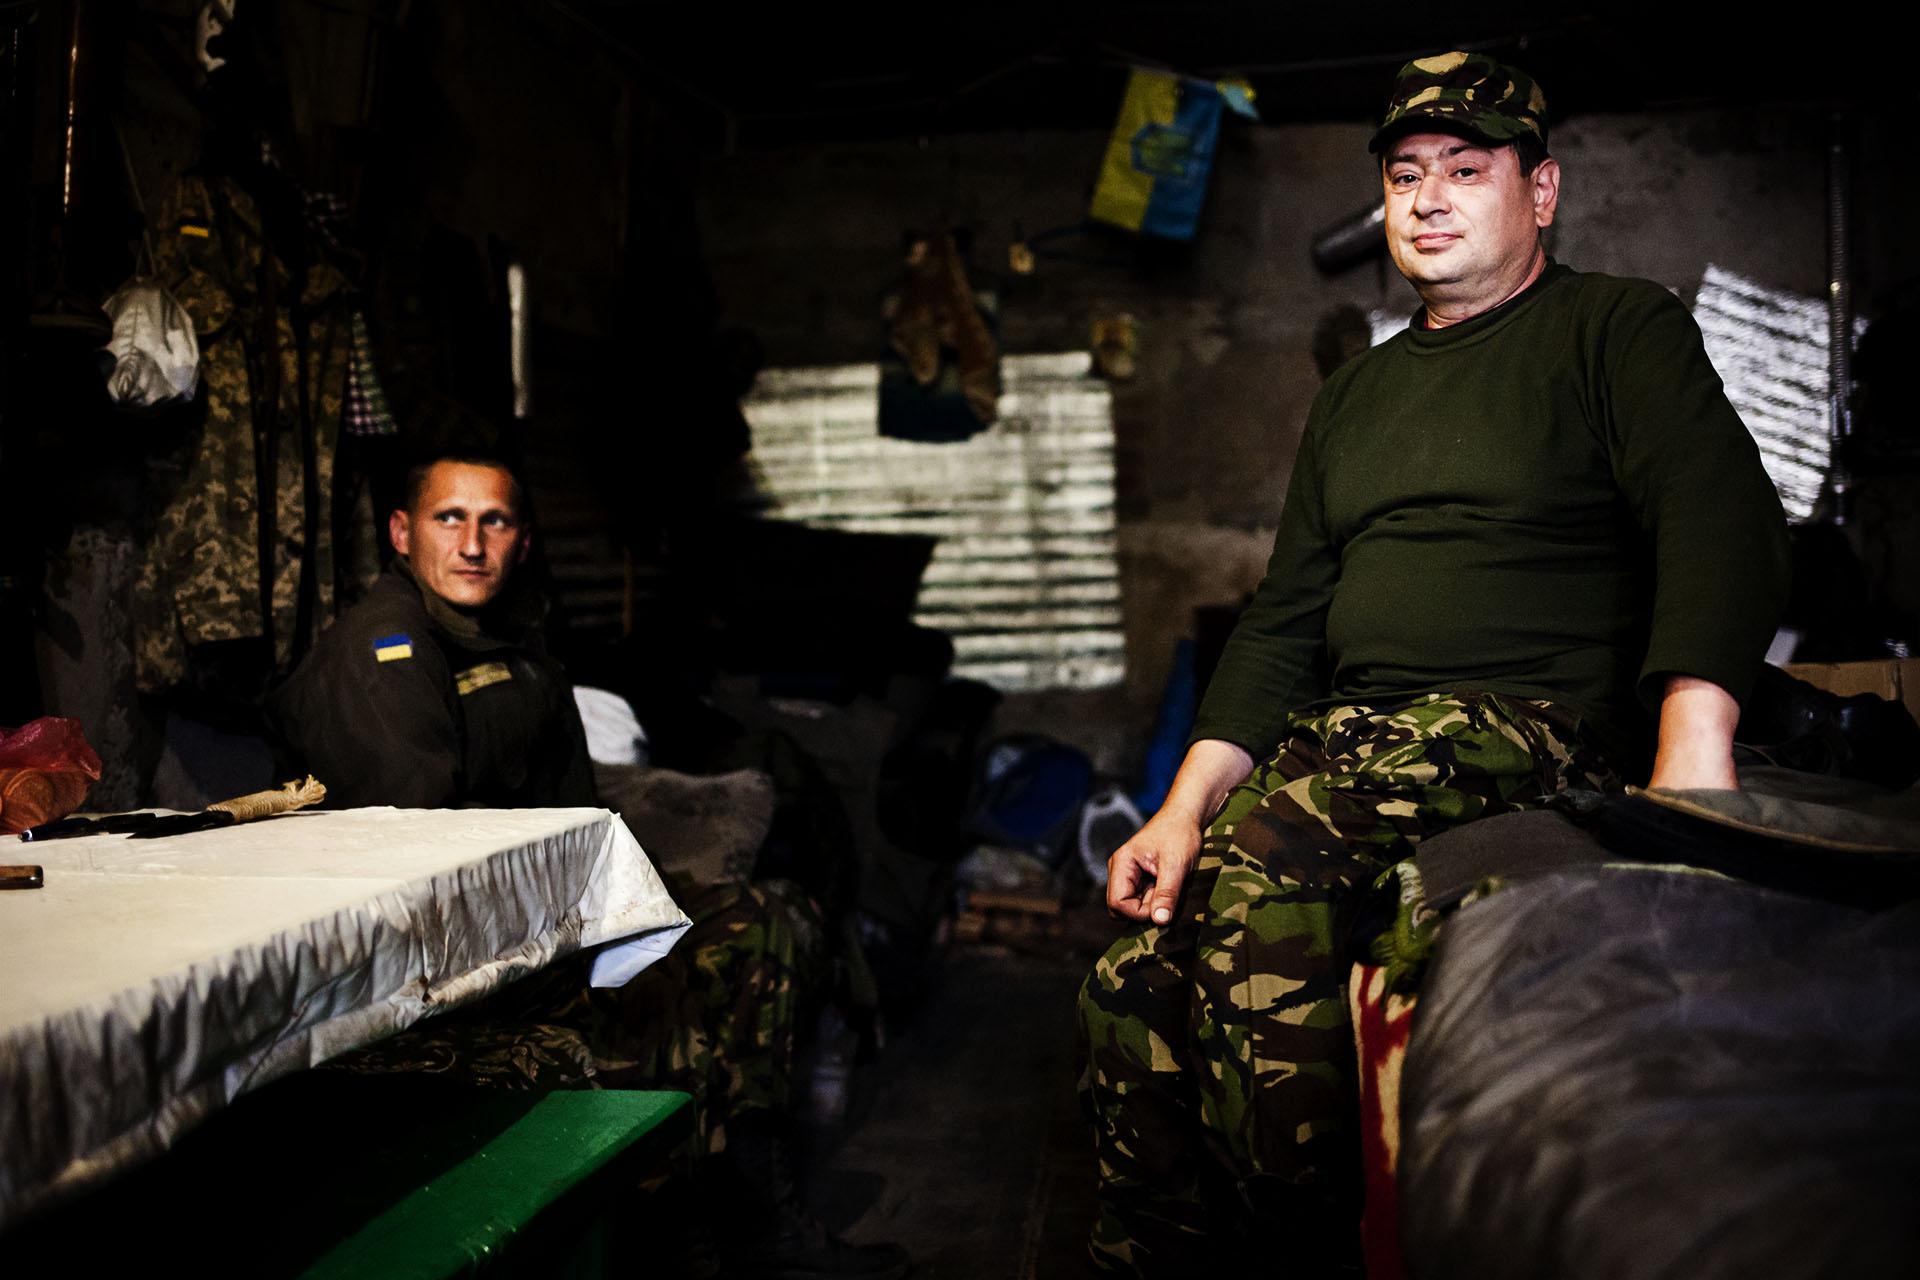 El ejército ucraniano está en proceso de profesionalización de sus tropas en la operación ATO, evitando en la medida de lo posible los batallones voluntarios / (Artemovsk).